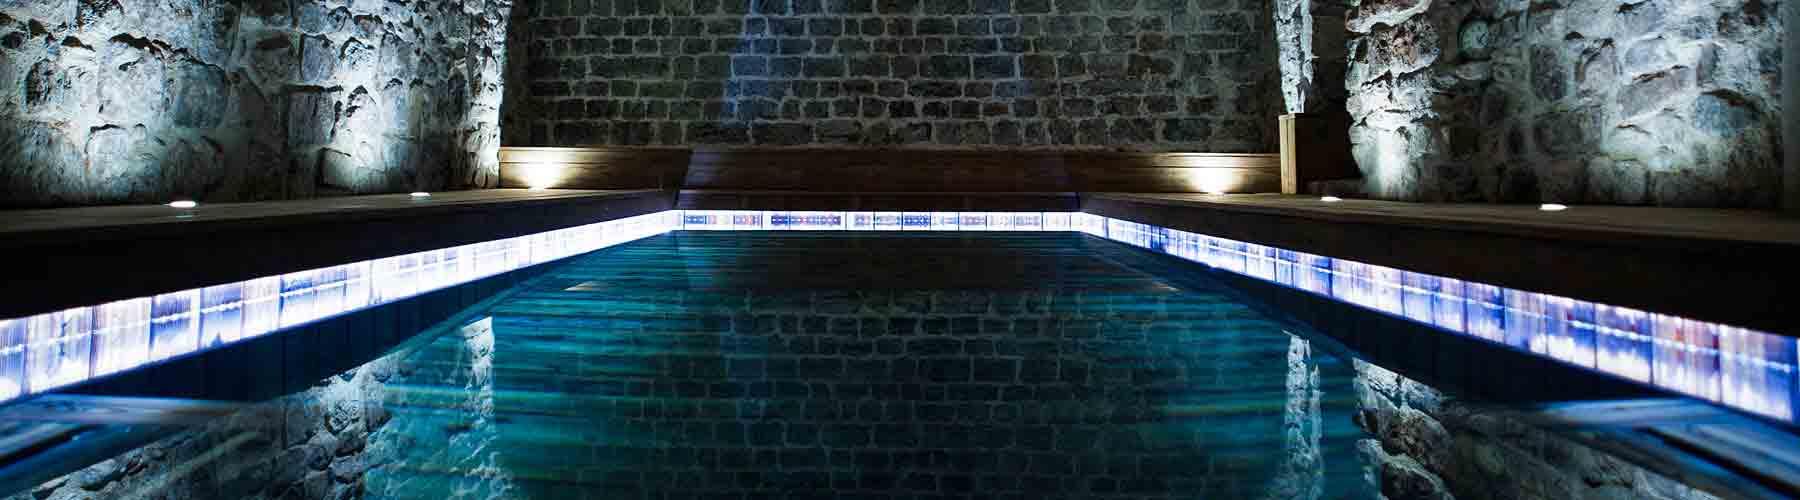 Chambre d 39 h tes avec piscine interieure jacuzzi var provence for Piscine d interieur